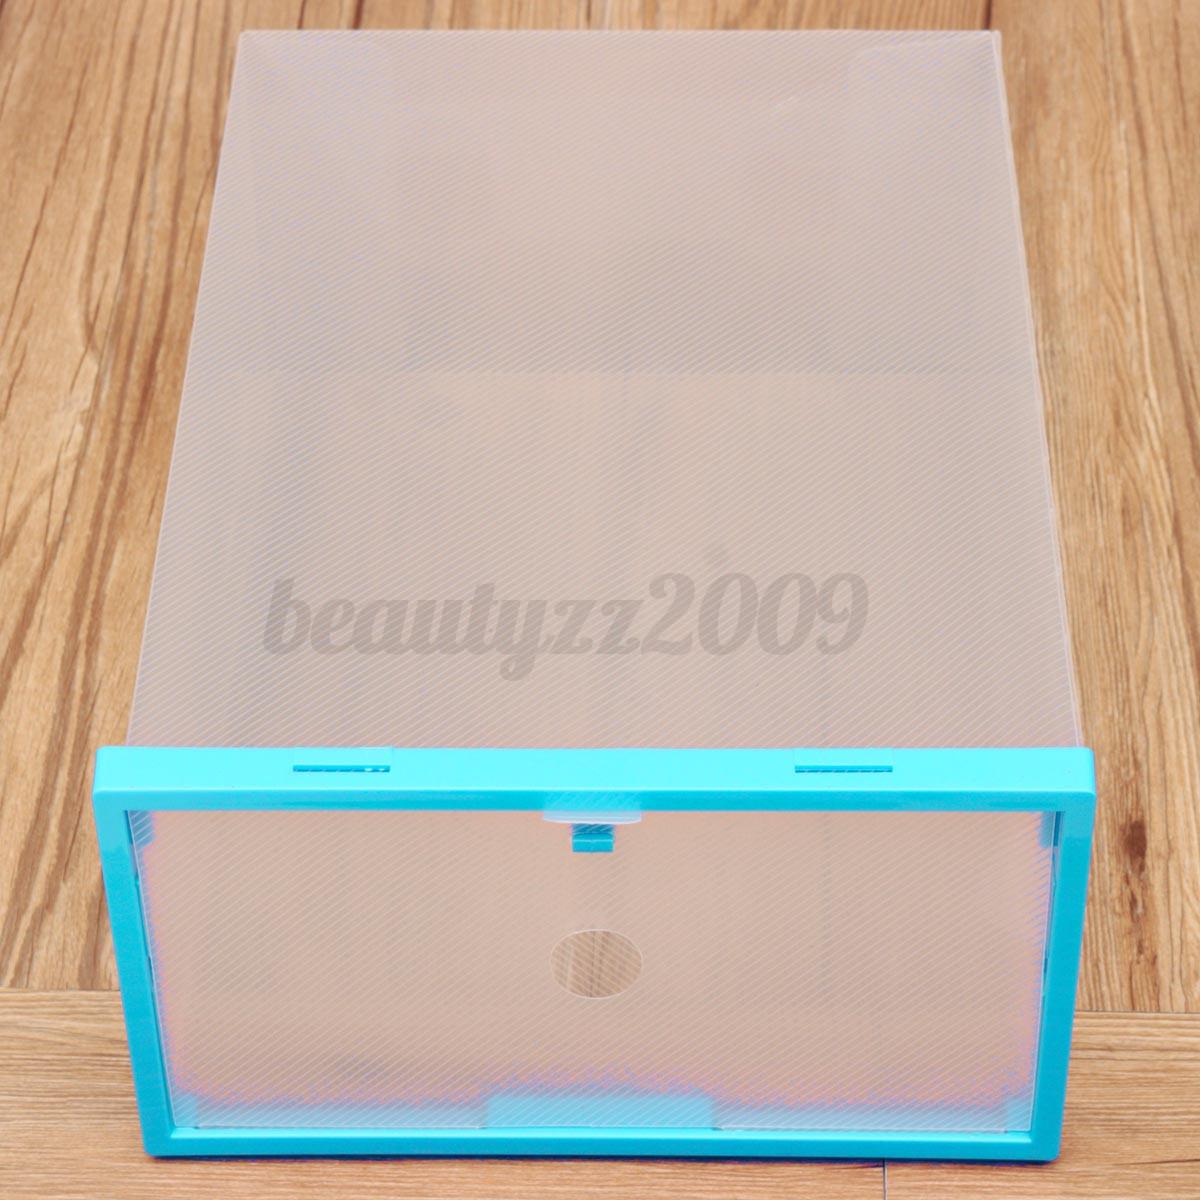 Scatole Plastica Trasparente per scarpe - Impilabile Case Stoccaggio Custodia  eBay